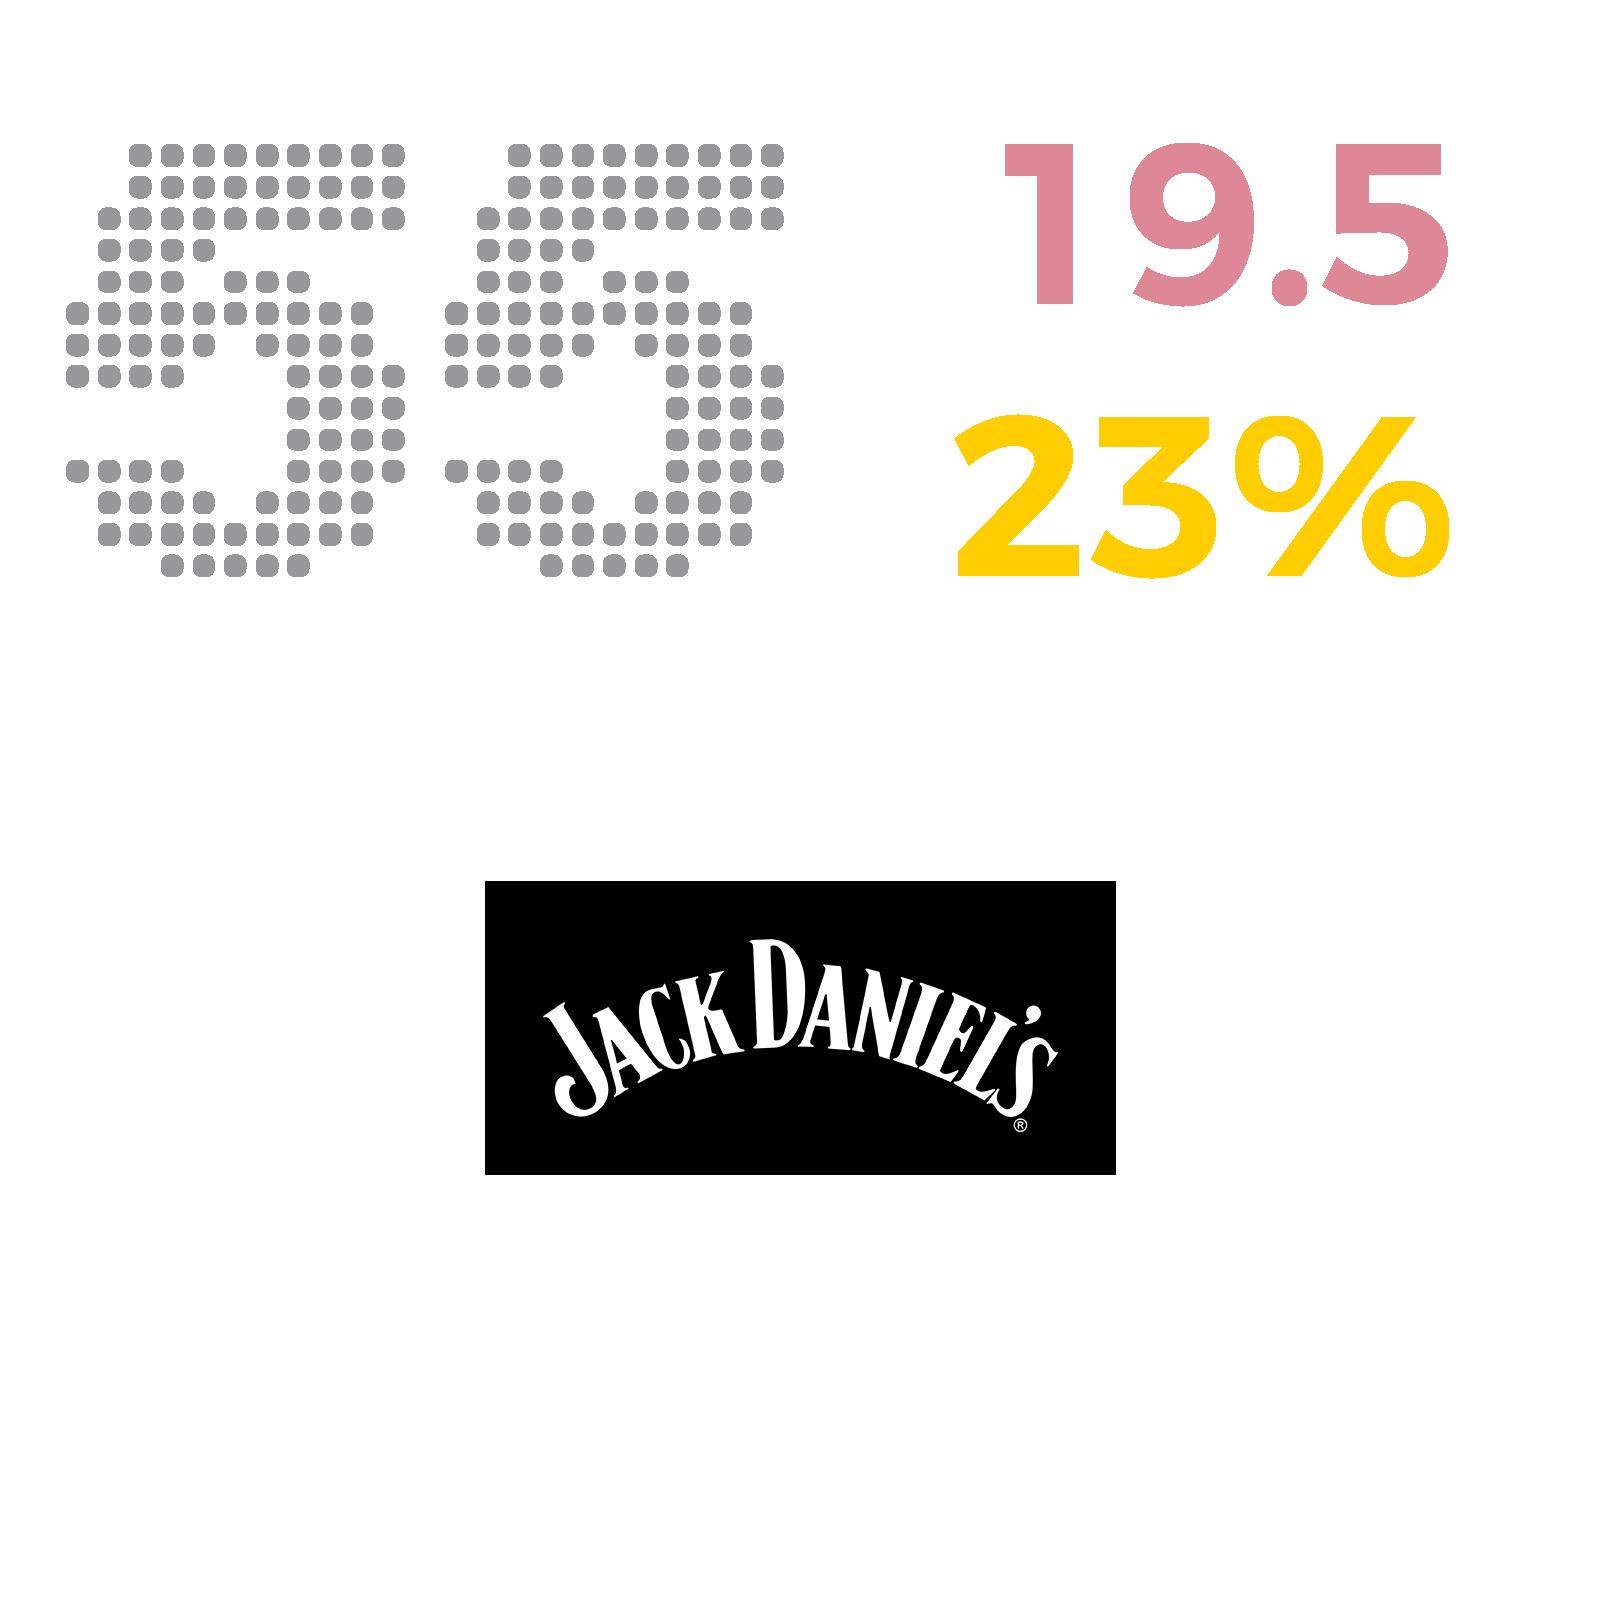 55_JackDaniels.png